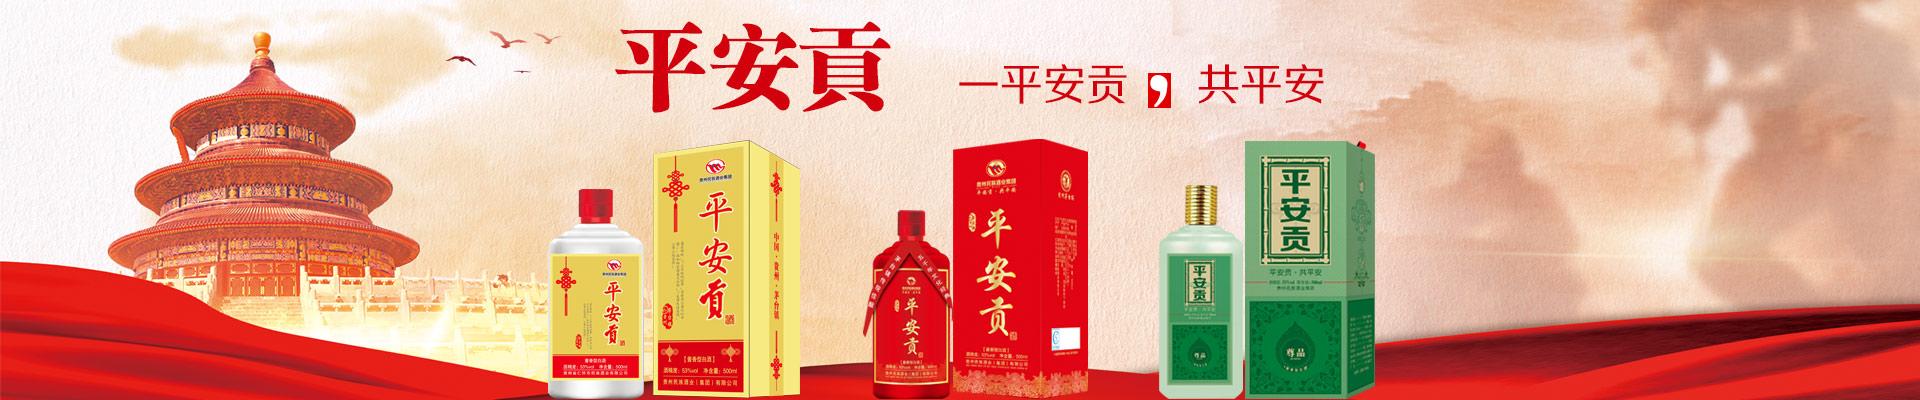 贵州平安贡酒业有限公司